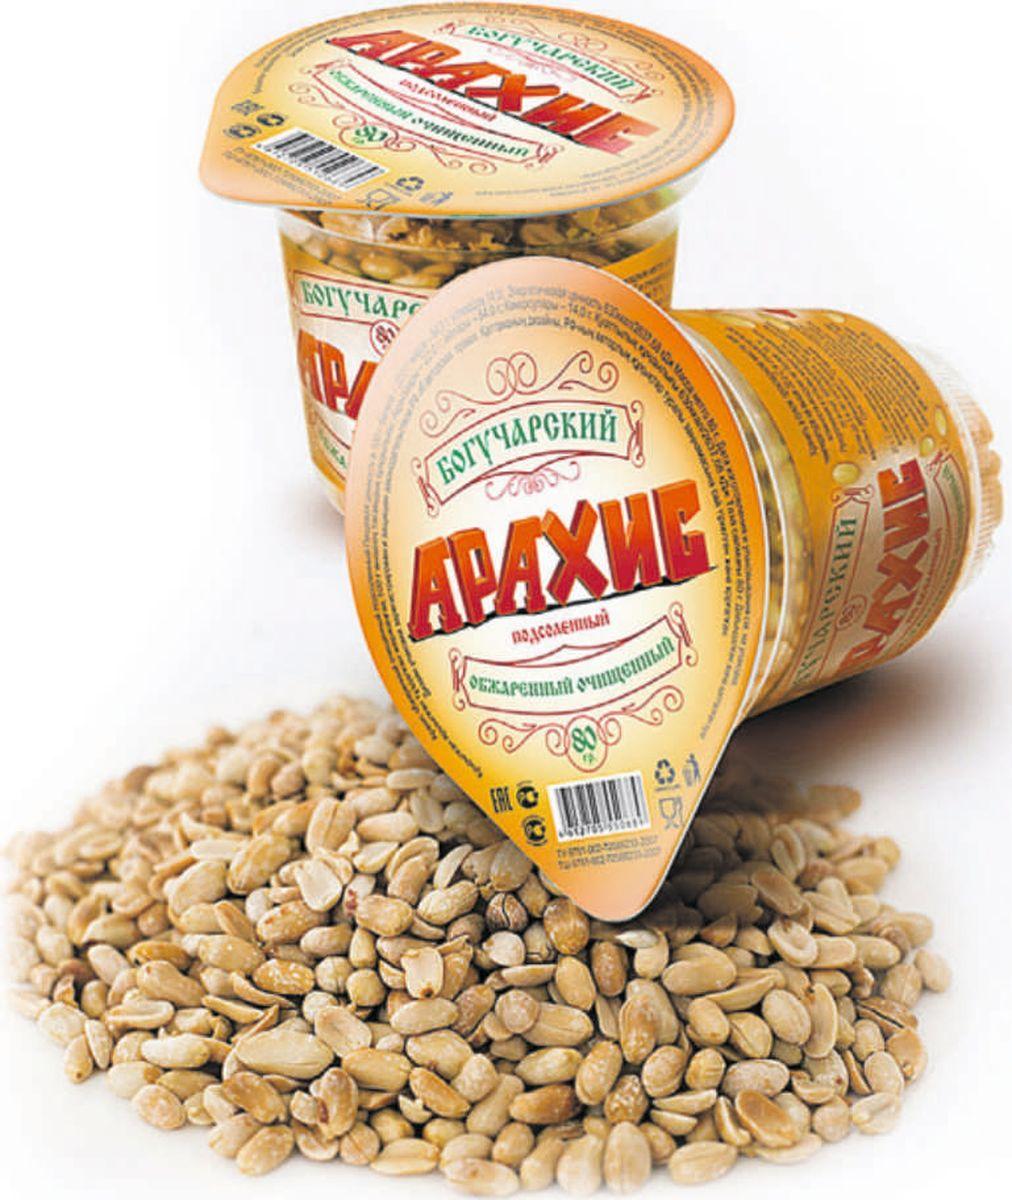 Богучарский арахис обжаренный очищенный подсоленный, 80 г арахис changling peanut